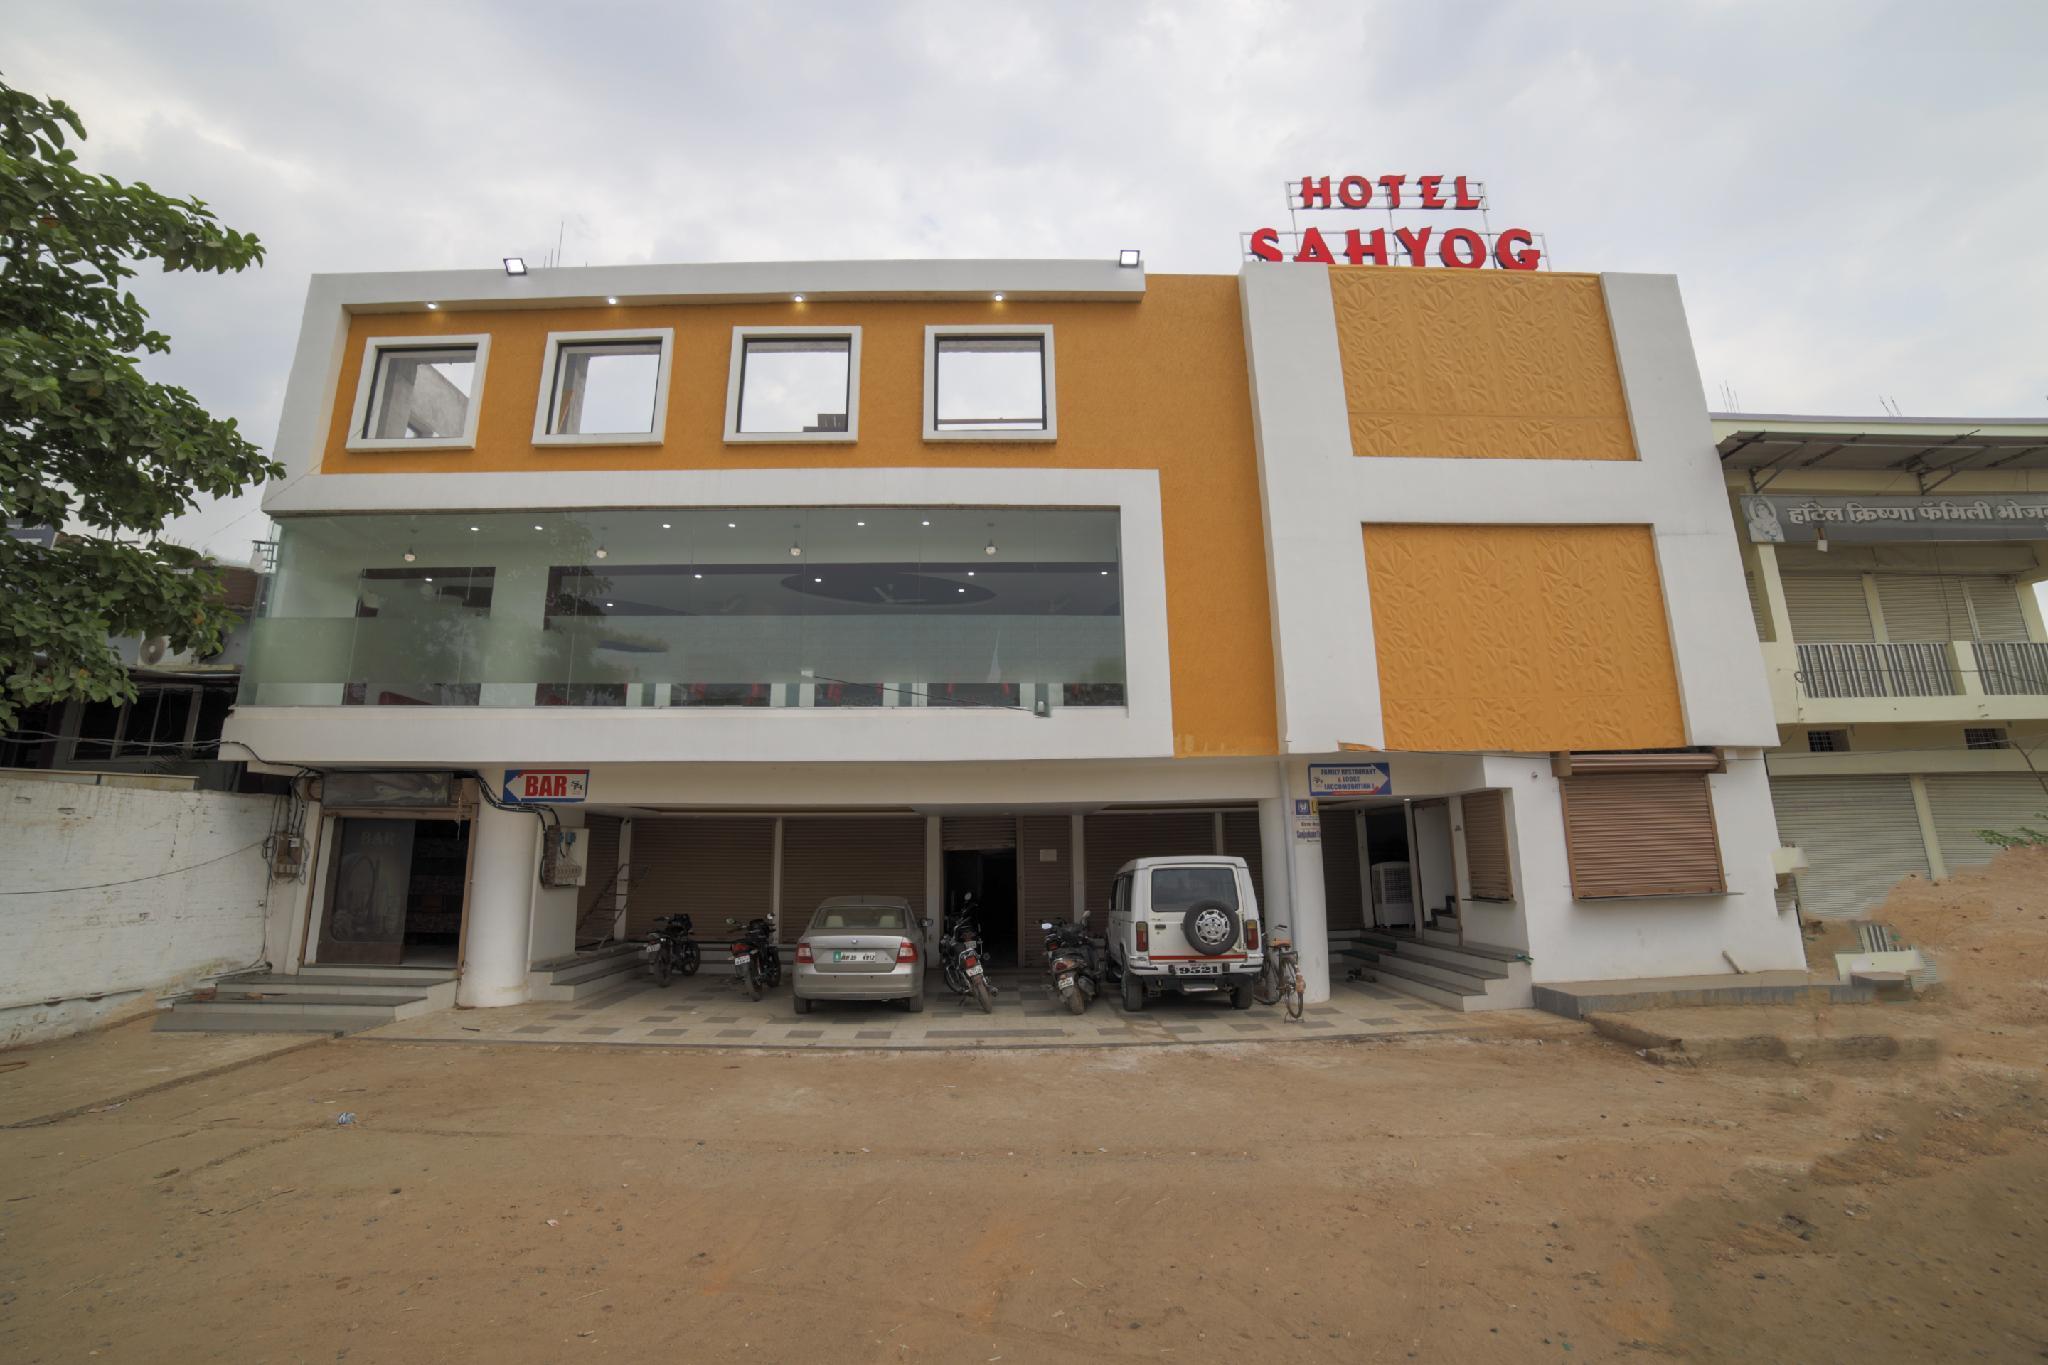 OYO 41969 Sahyog Hotel